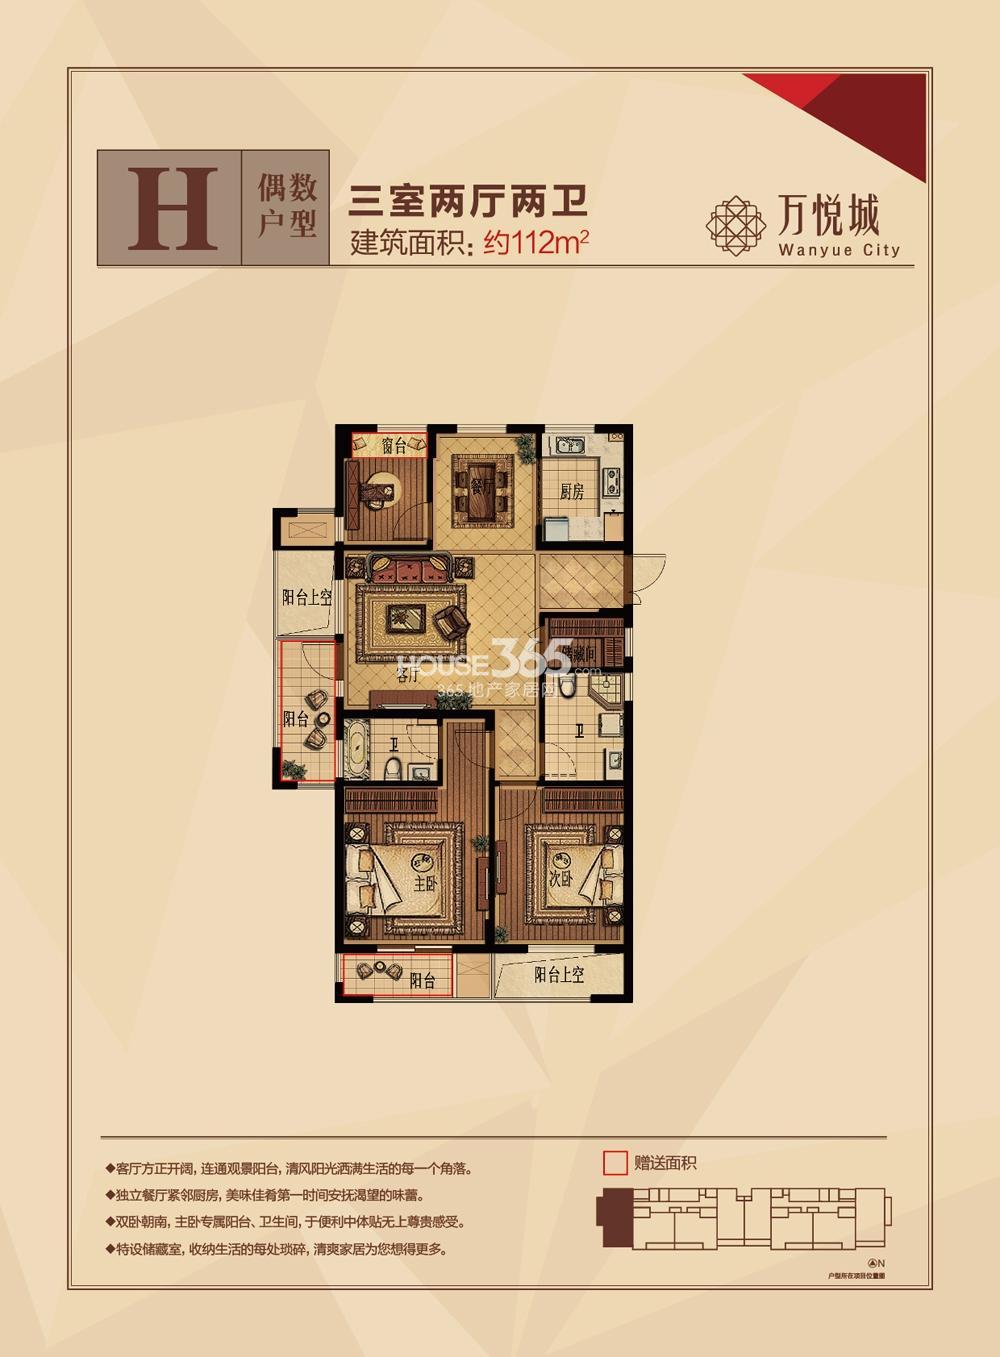 嘉丰万悦城10号楼H偶数户型 112方